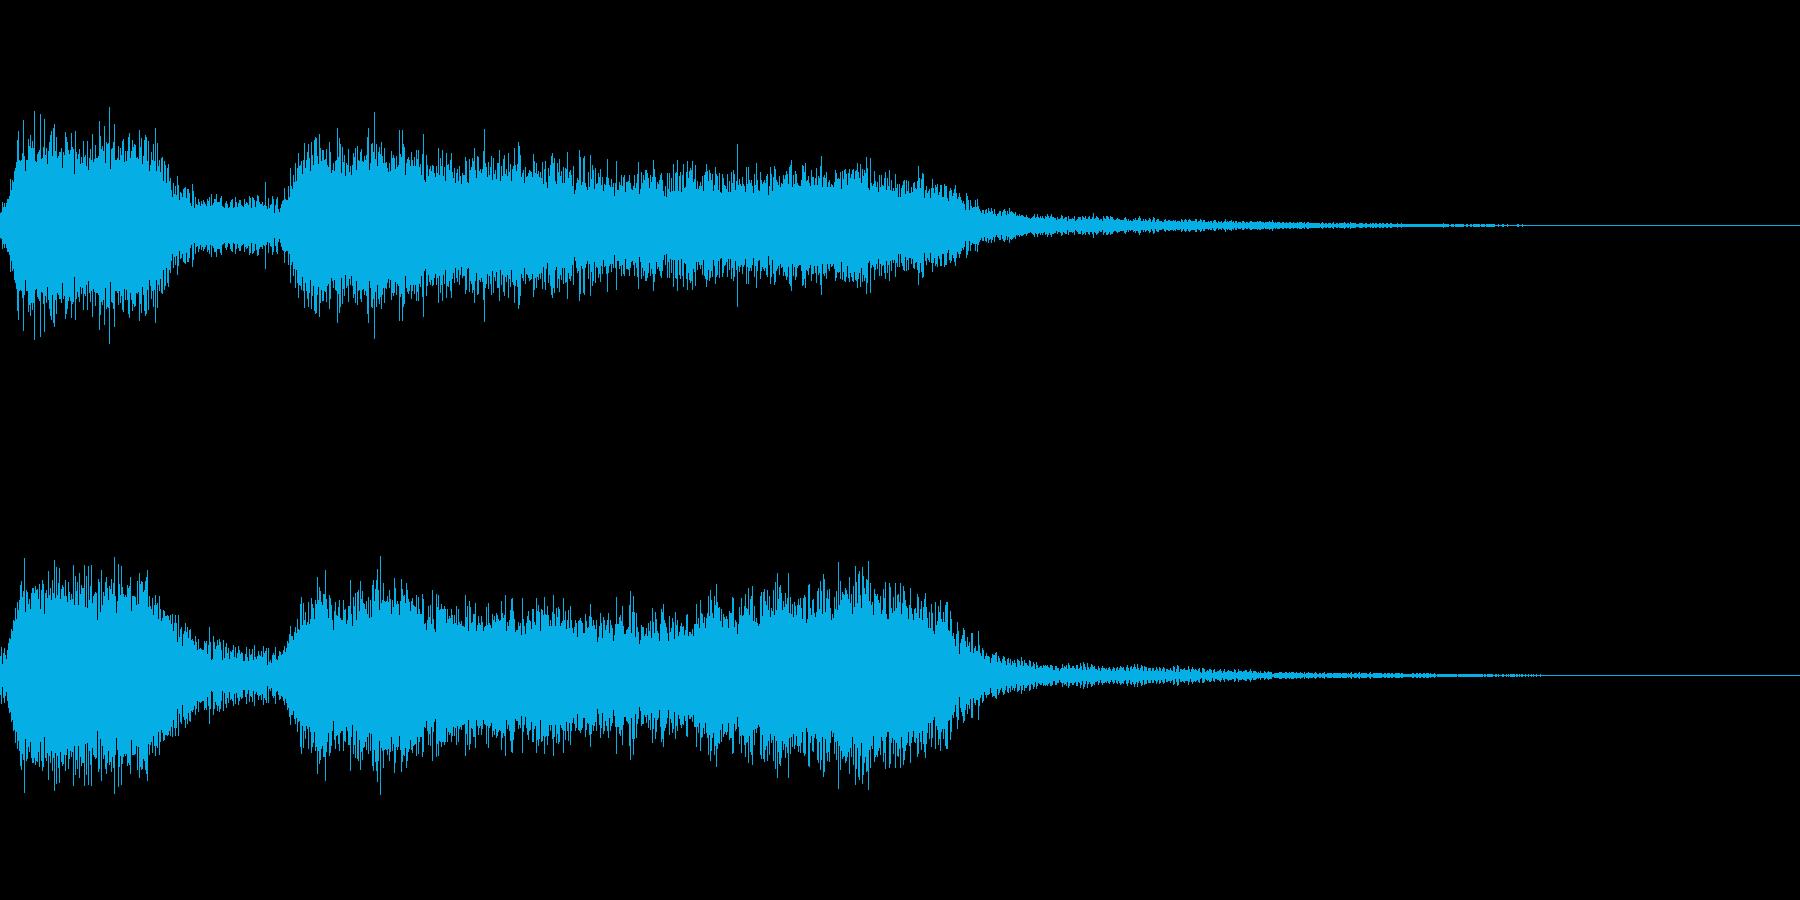 機関車 汽車などの汽笛の効果音 02の再生済みの波形